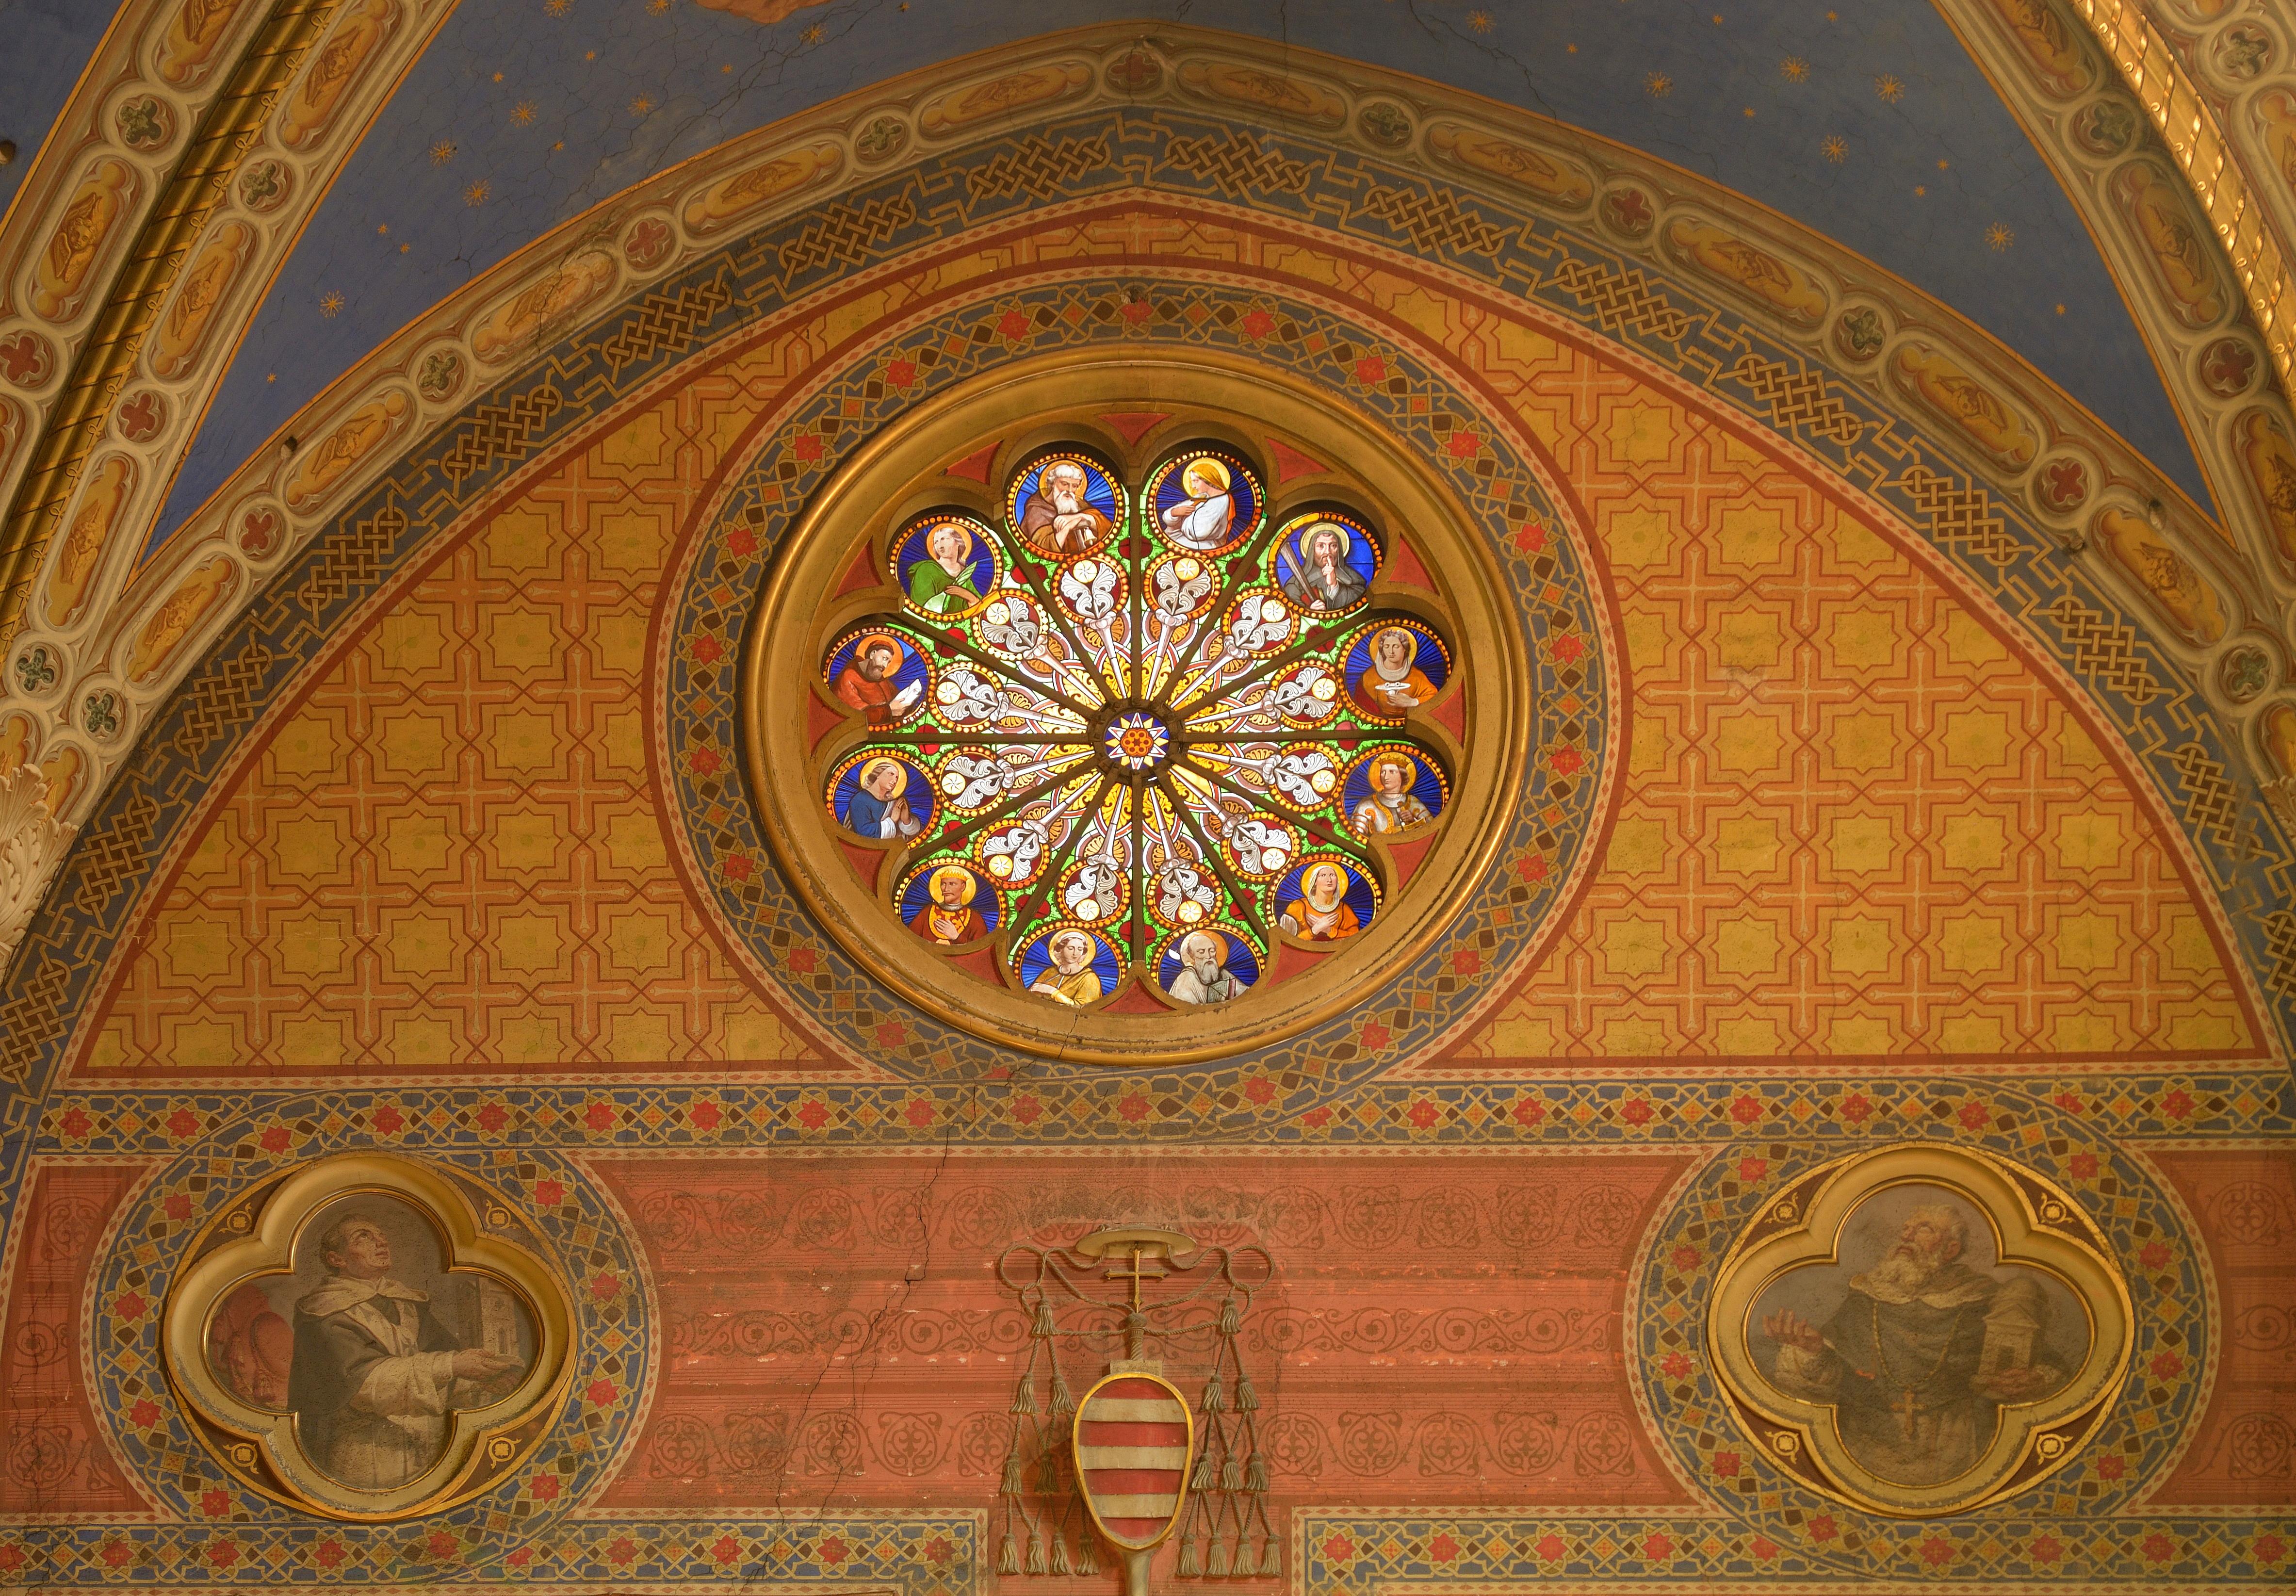 File:Rose window in Santa Maria sopra Minerva.jpg ...